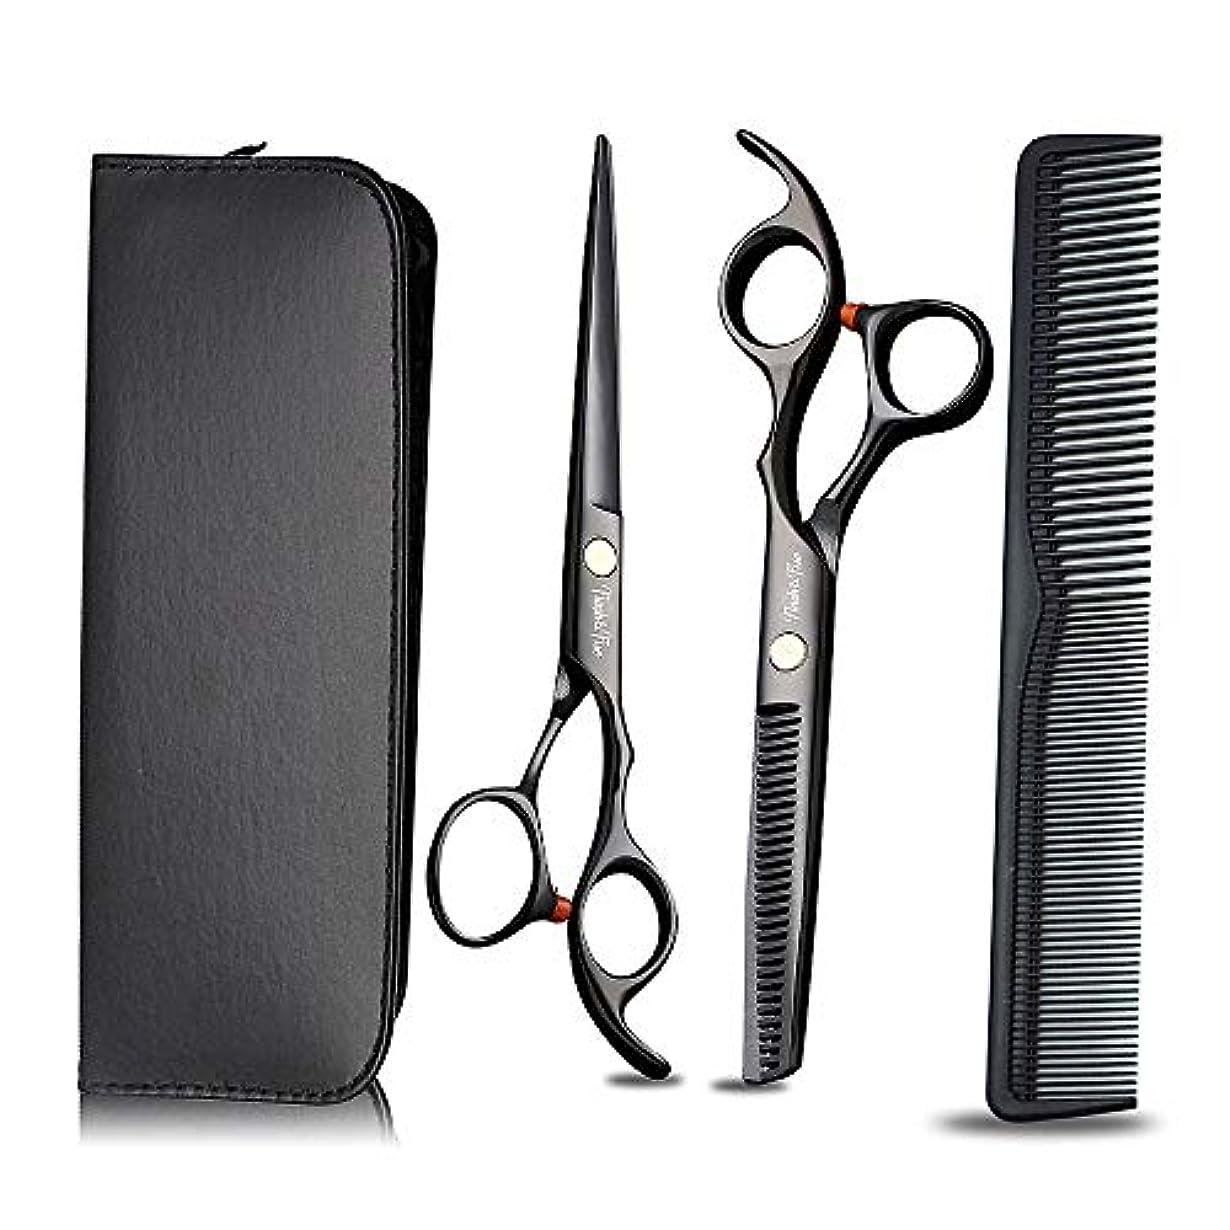 エミュレートするたるみ権限を与えるプロの理髪はさみと髪の洗練はさみをサロンの理髪店と家庭用に設定、黒